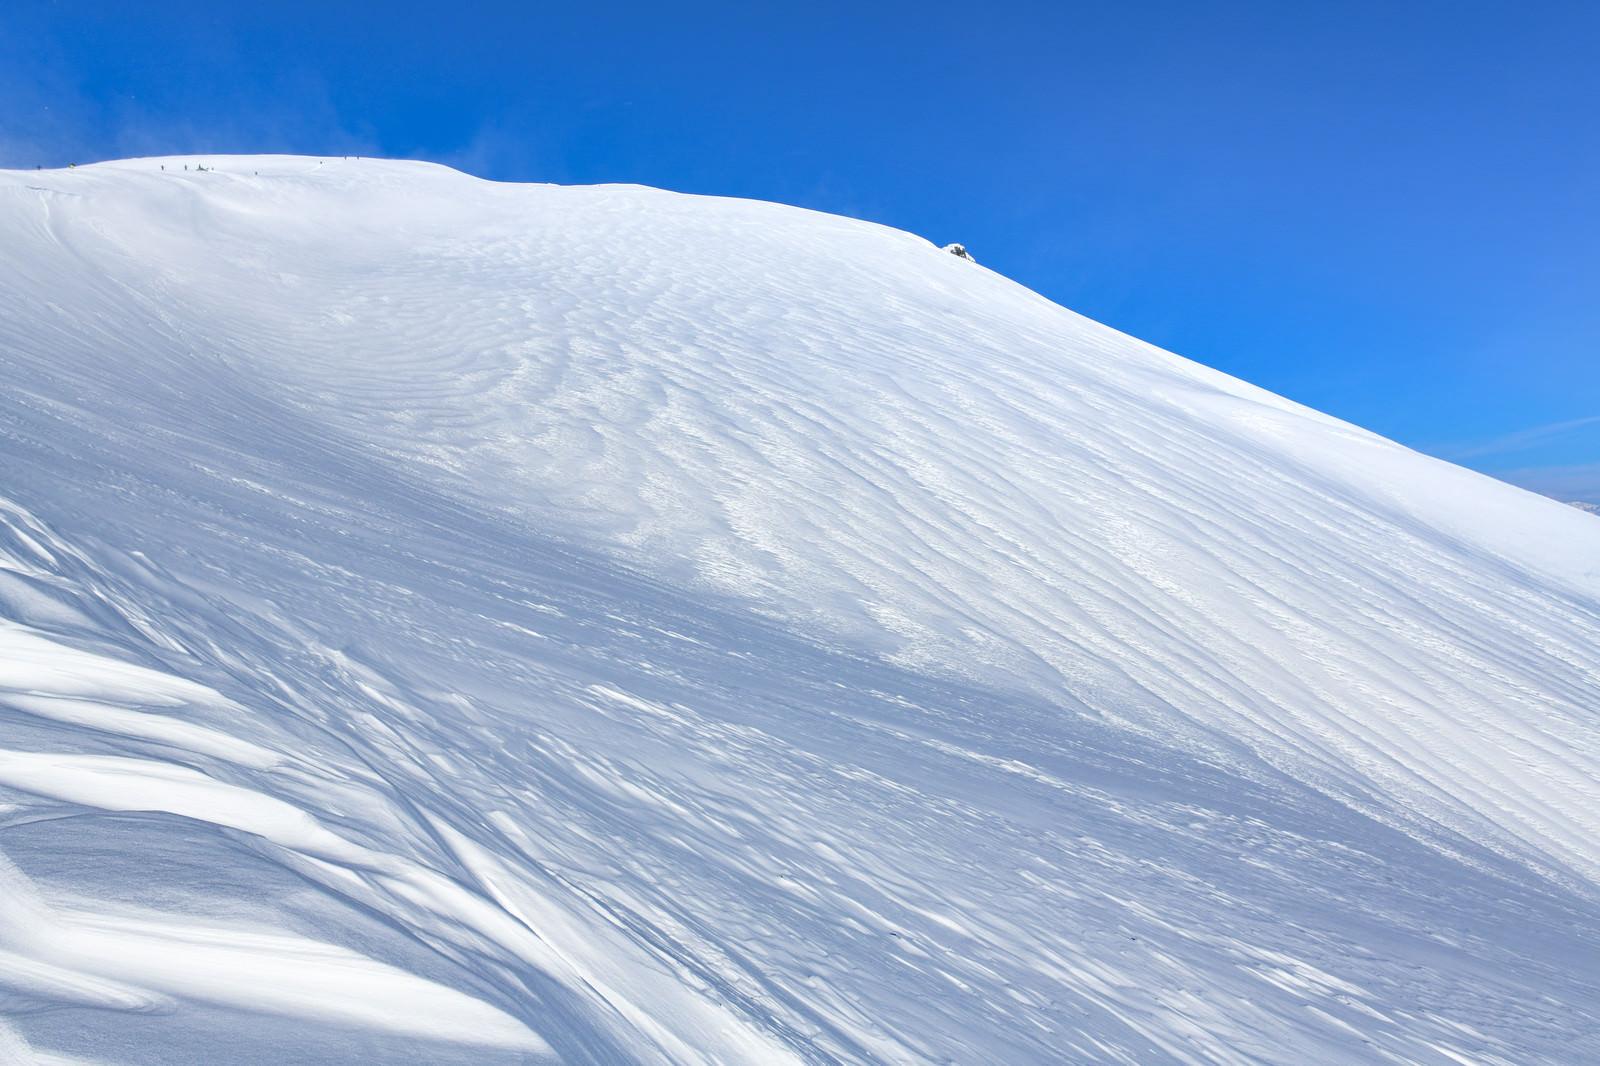 「まっさらな雪に覆われた谷川岳(三国山脈)」の写真